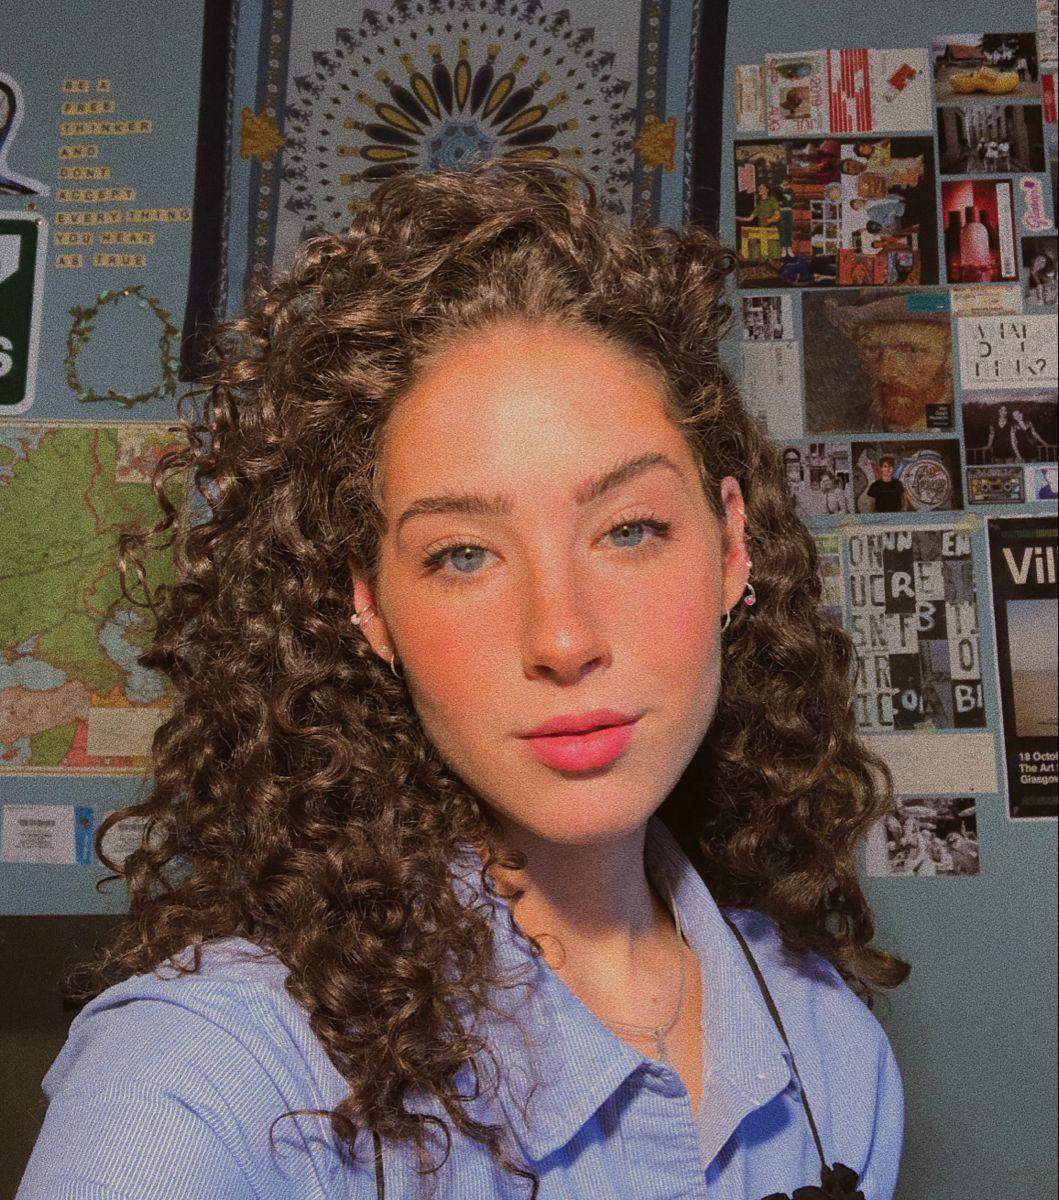 Selfie Curly Hair Blue Eyes Makeup In 2020 Brown Hair Blue Eyes Brown Hair Blue Eyes Girl Curly Hair Styles